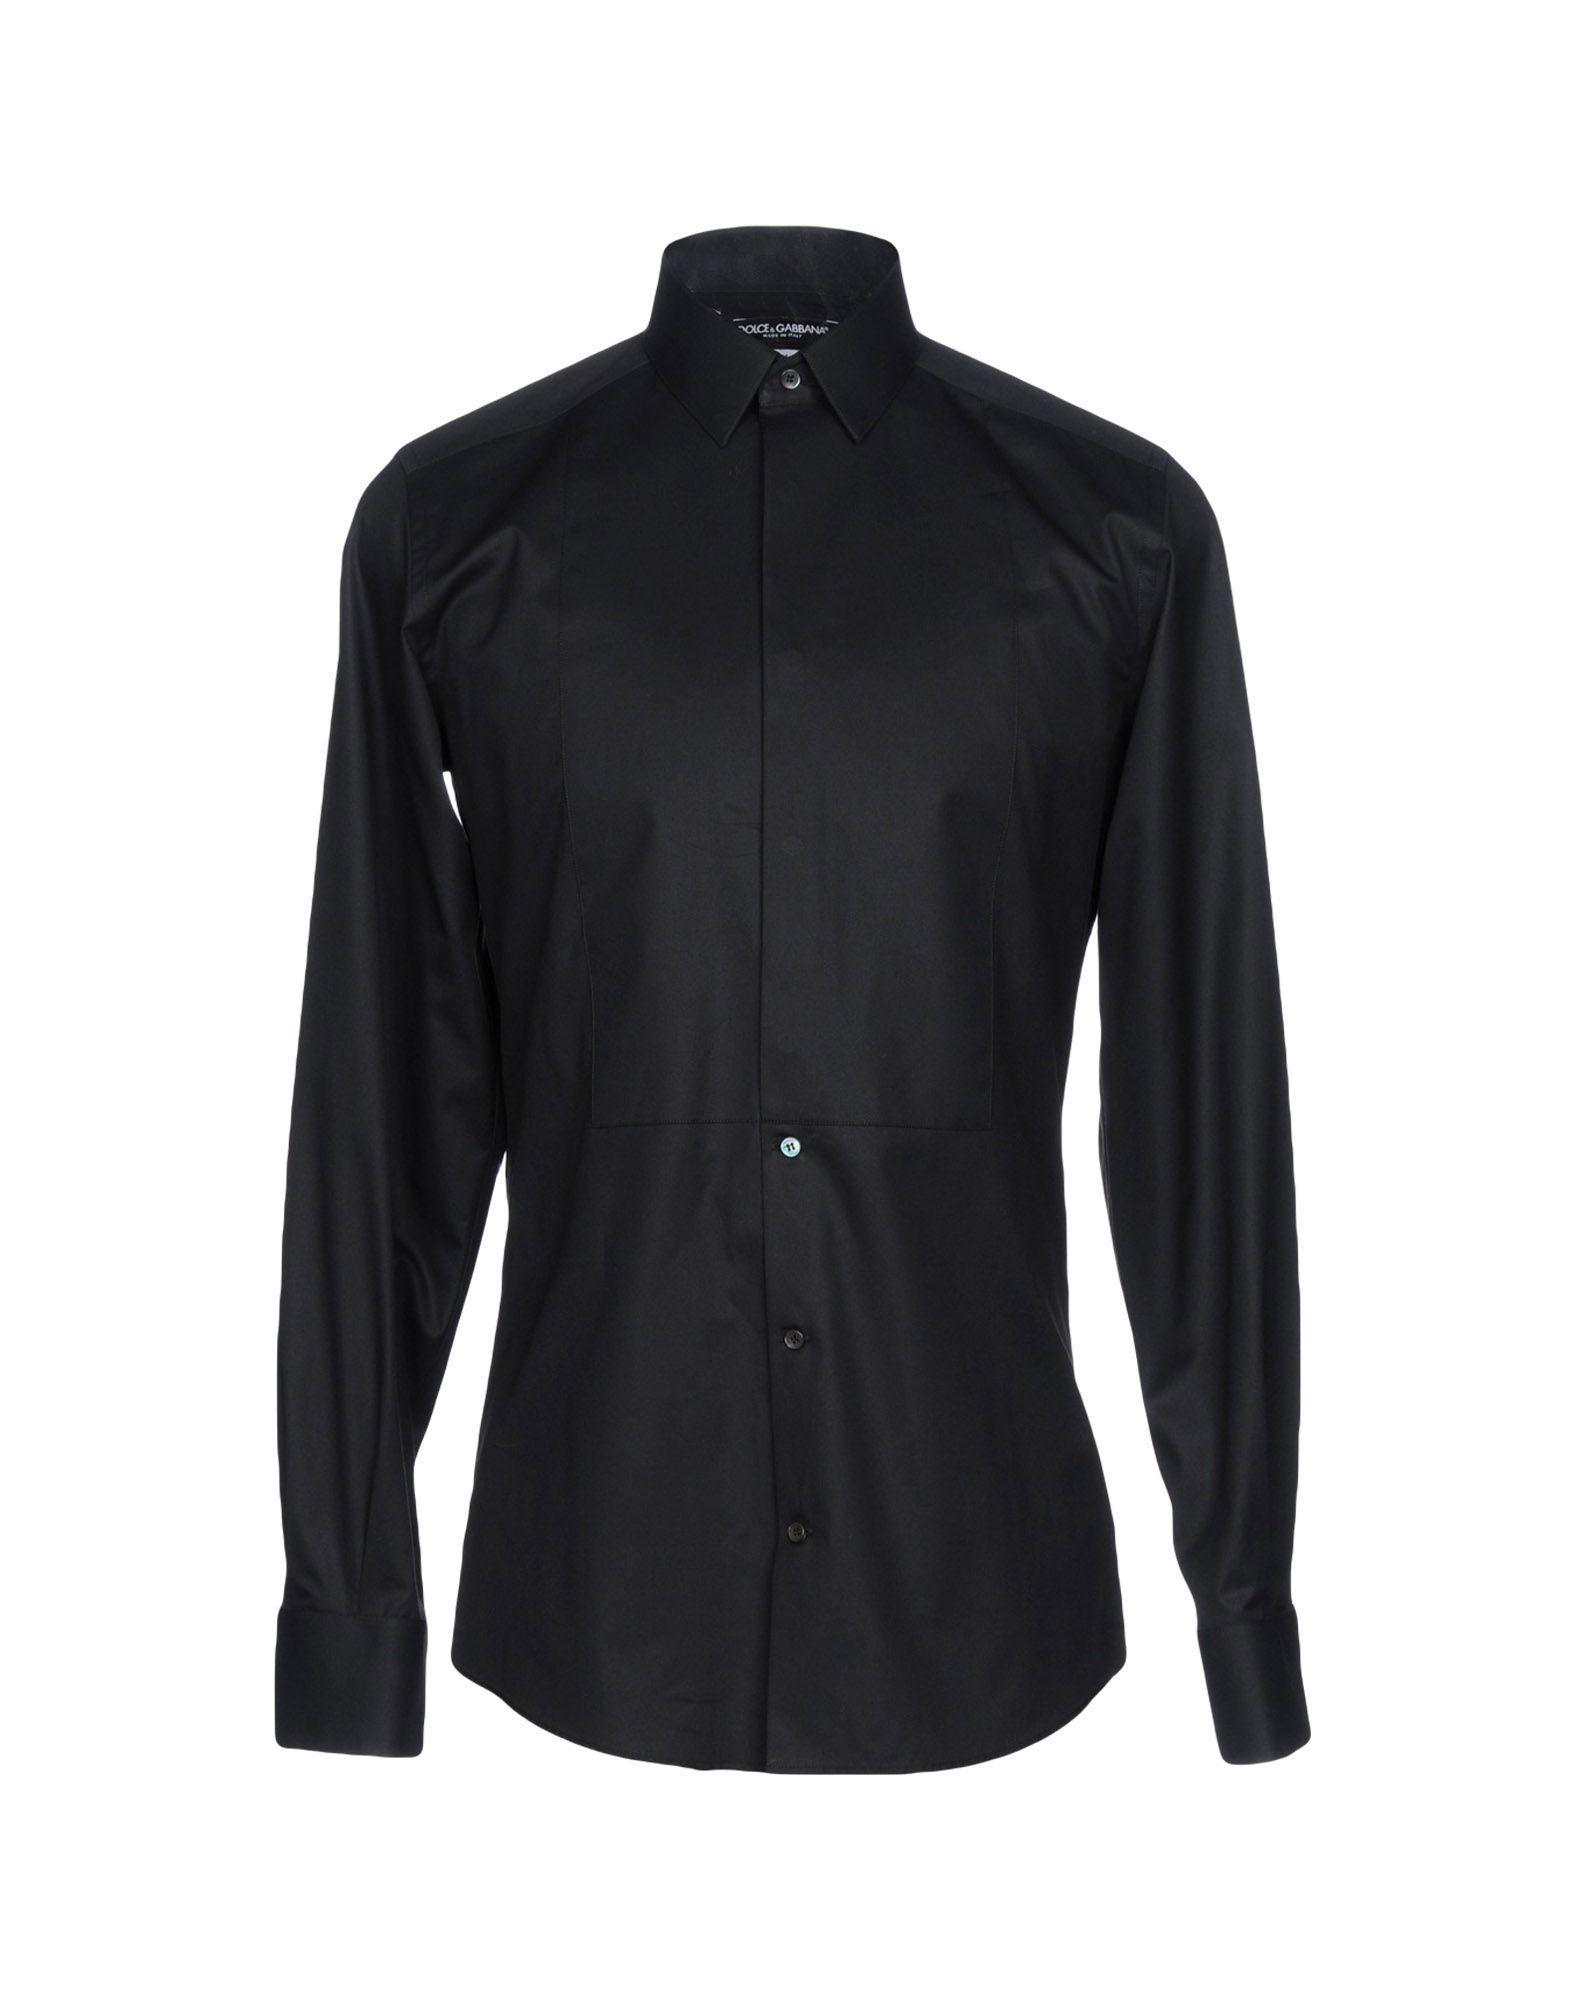 Dolce & Gabbana Shirts In Black